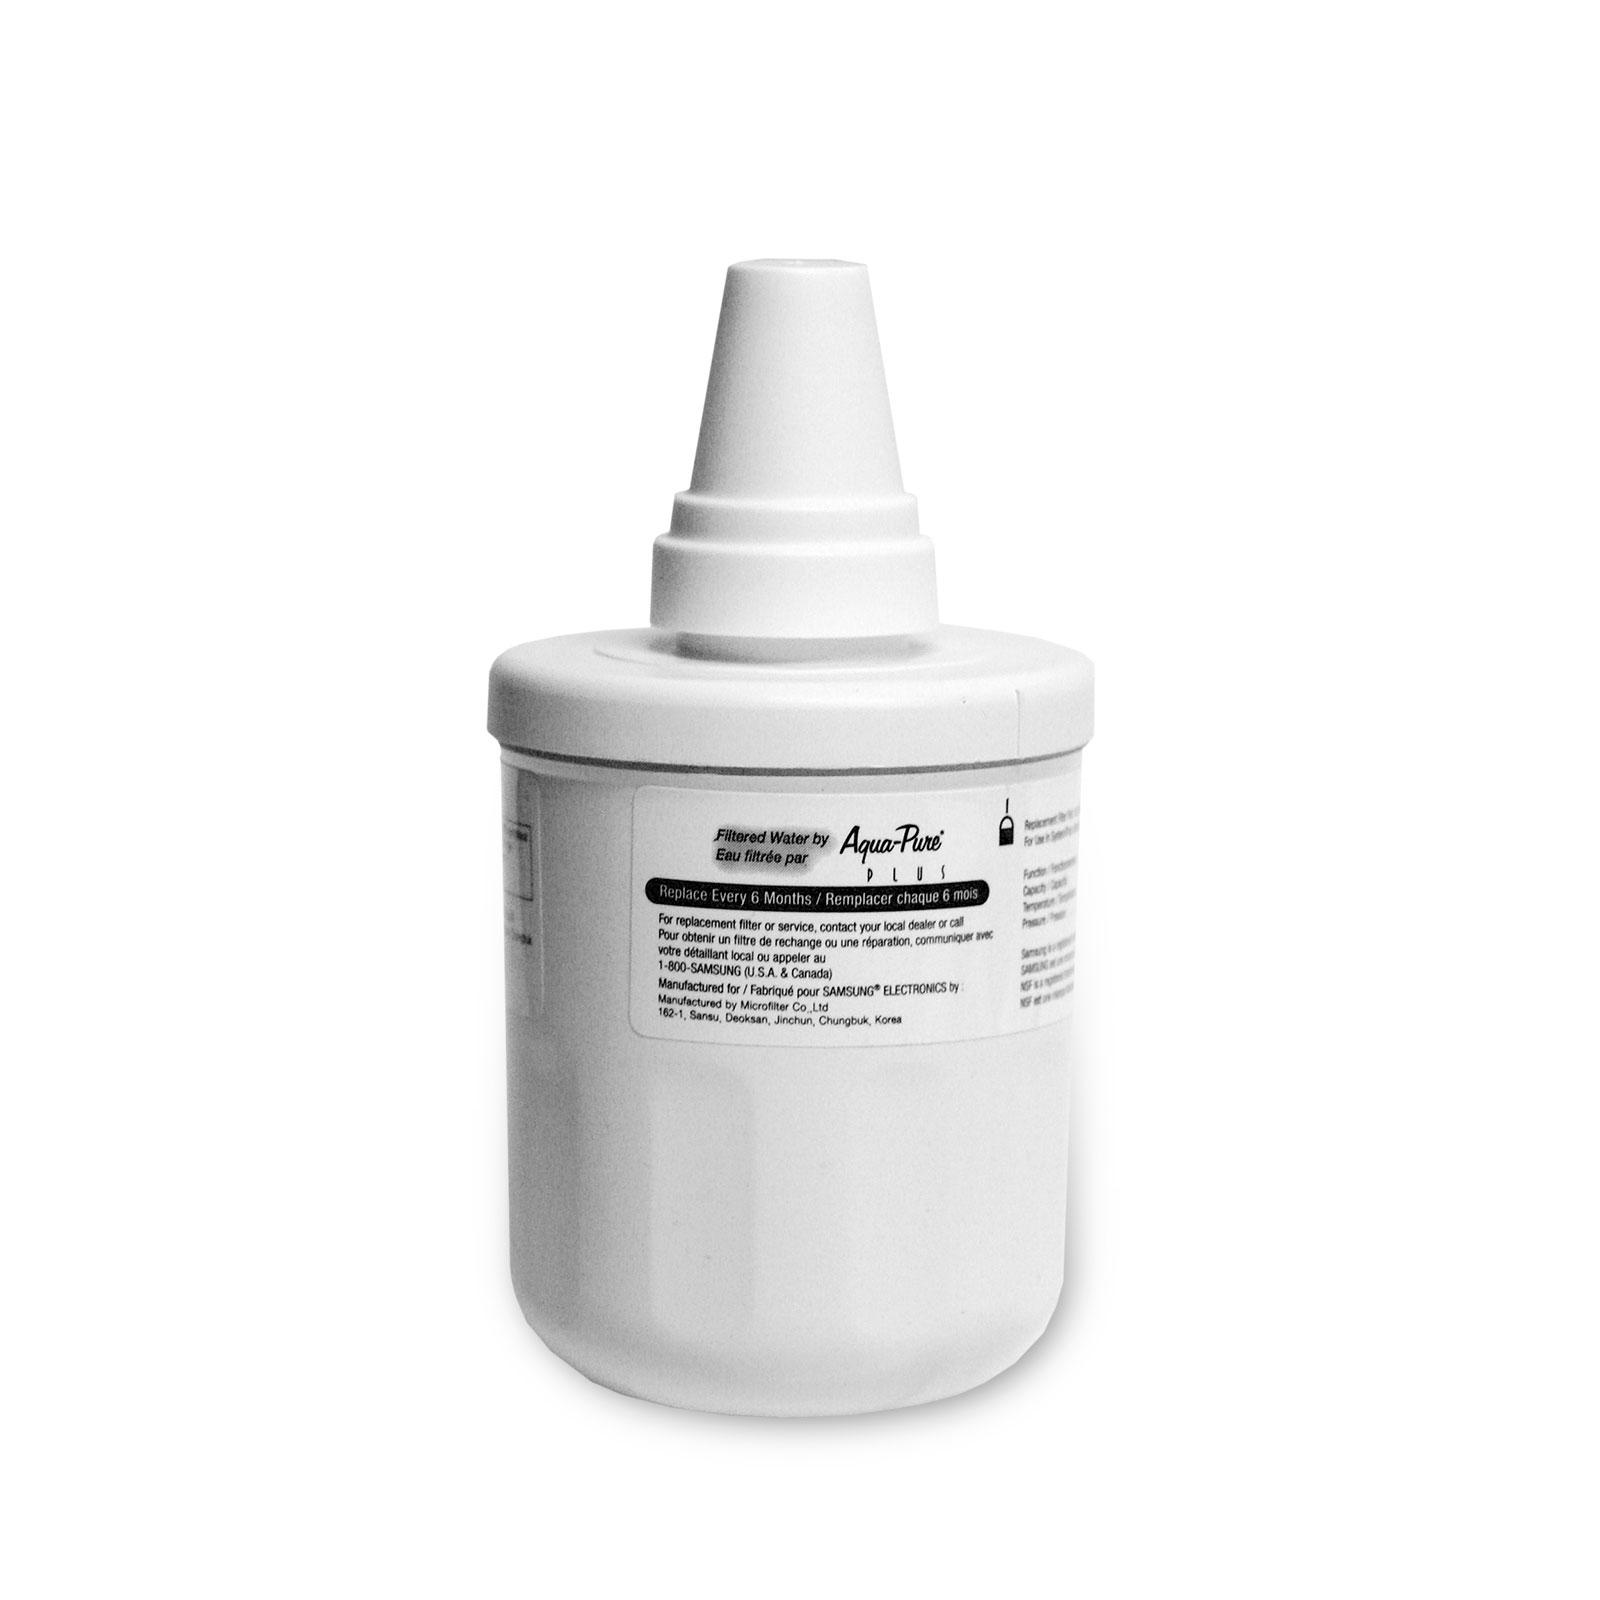 Kühlschrank Filter Ersatz für Samsung RSE8KGPS1XEG RS21KLAL1XEK RS21FCSM1XEG